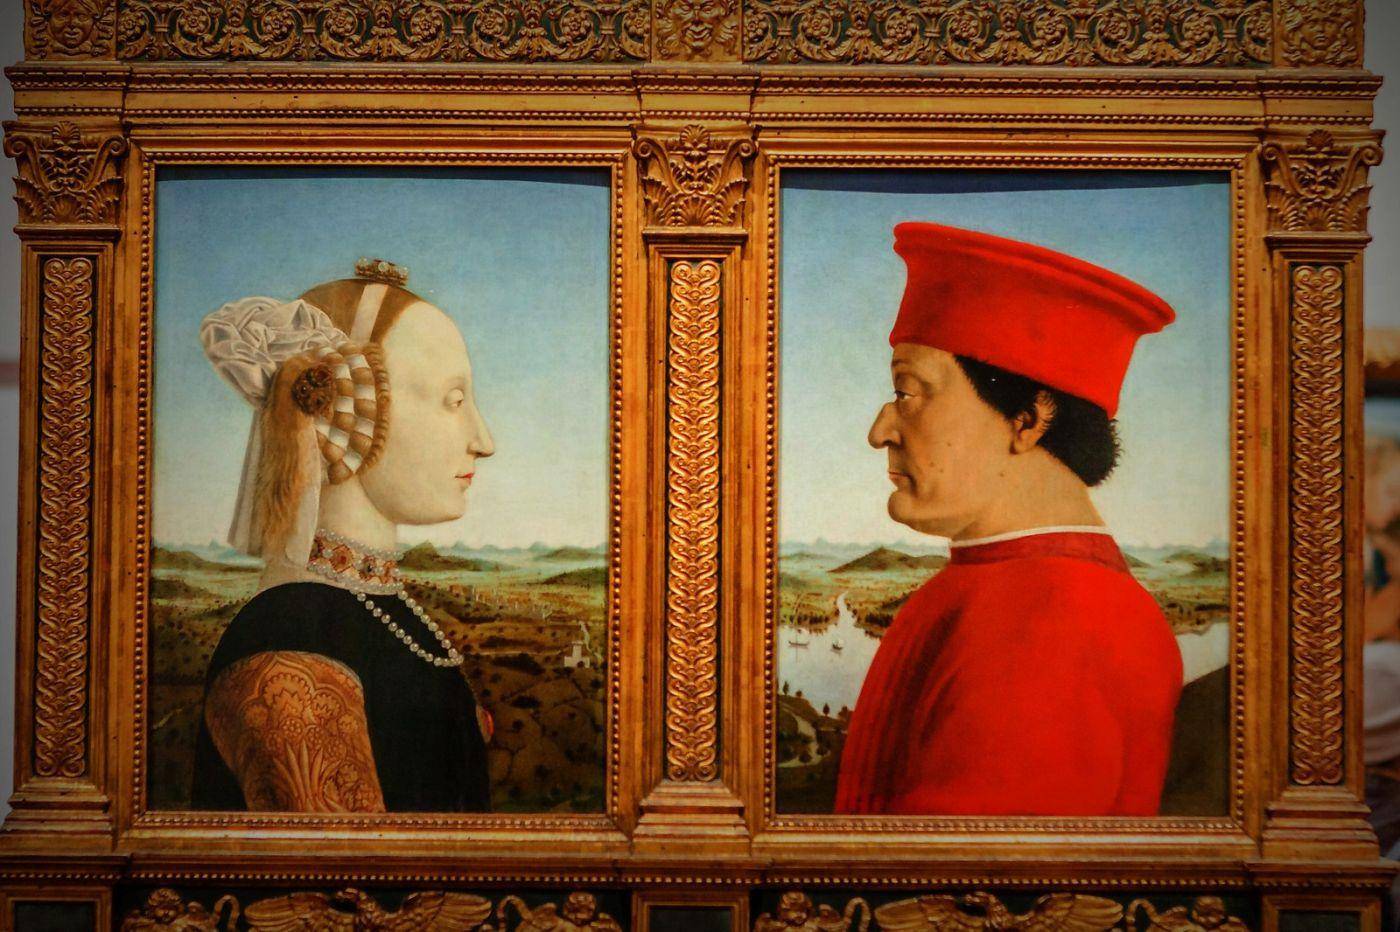 意大利佛罗伦斯乌菲兹美术馆, 目睹藏品_图1-26